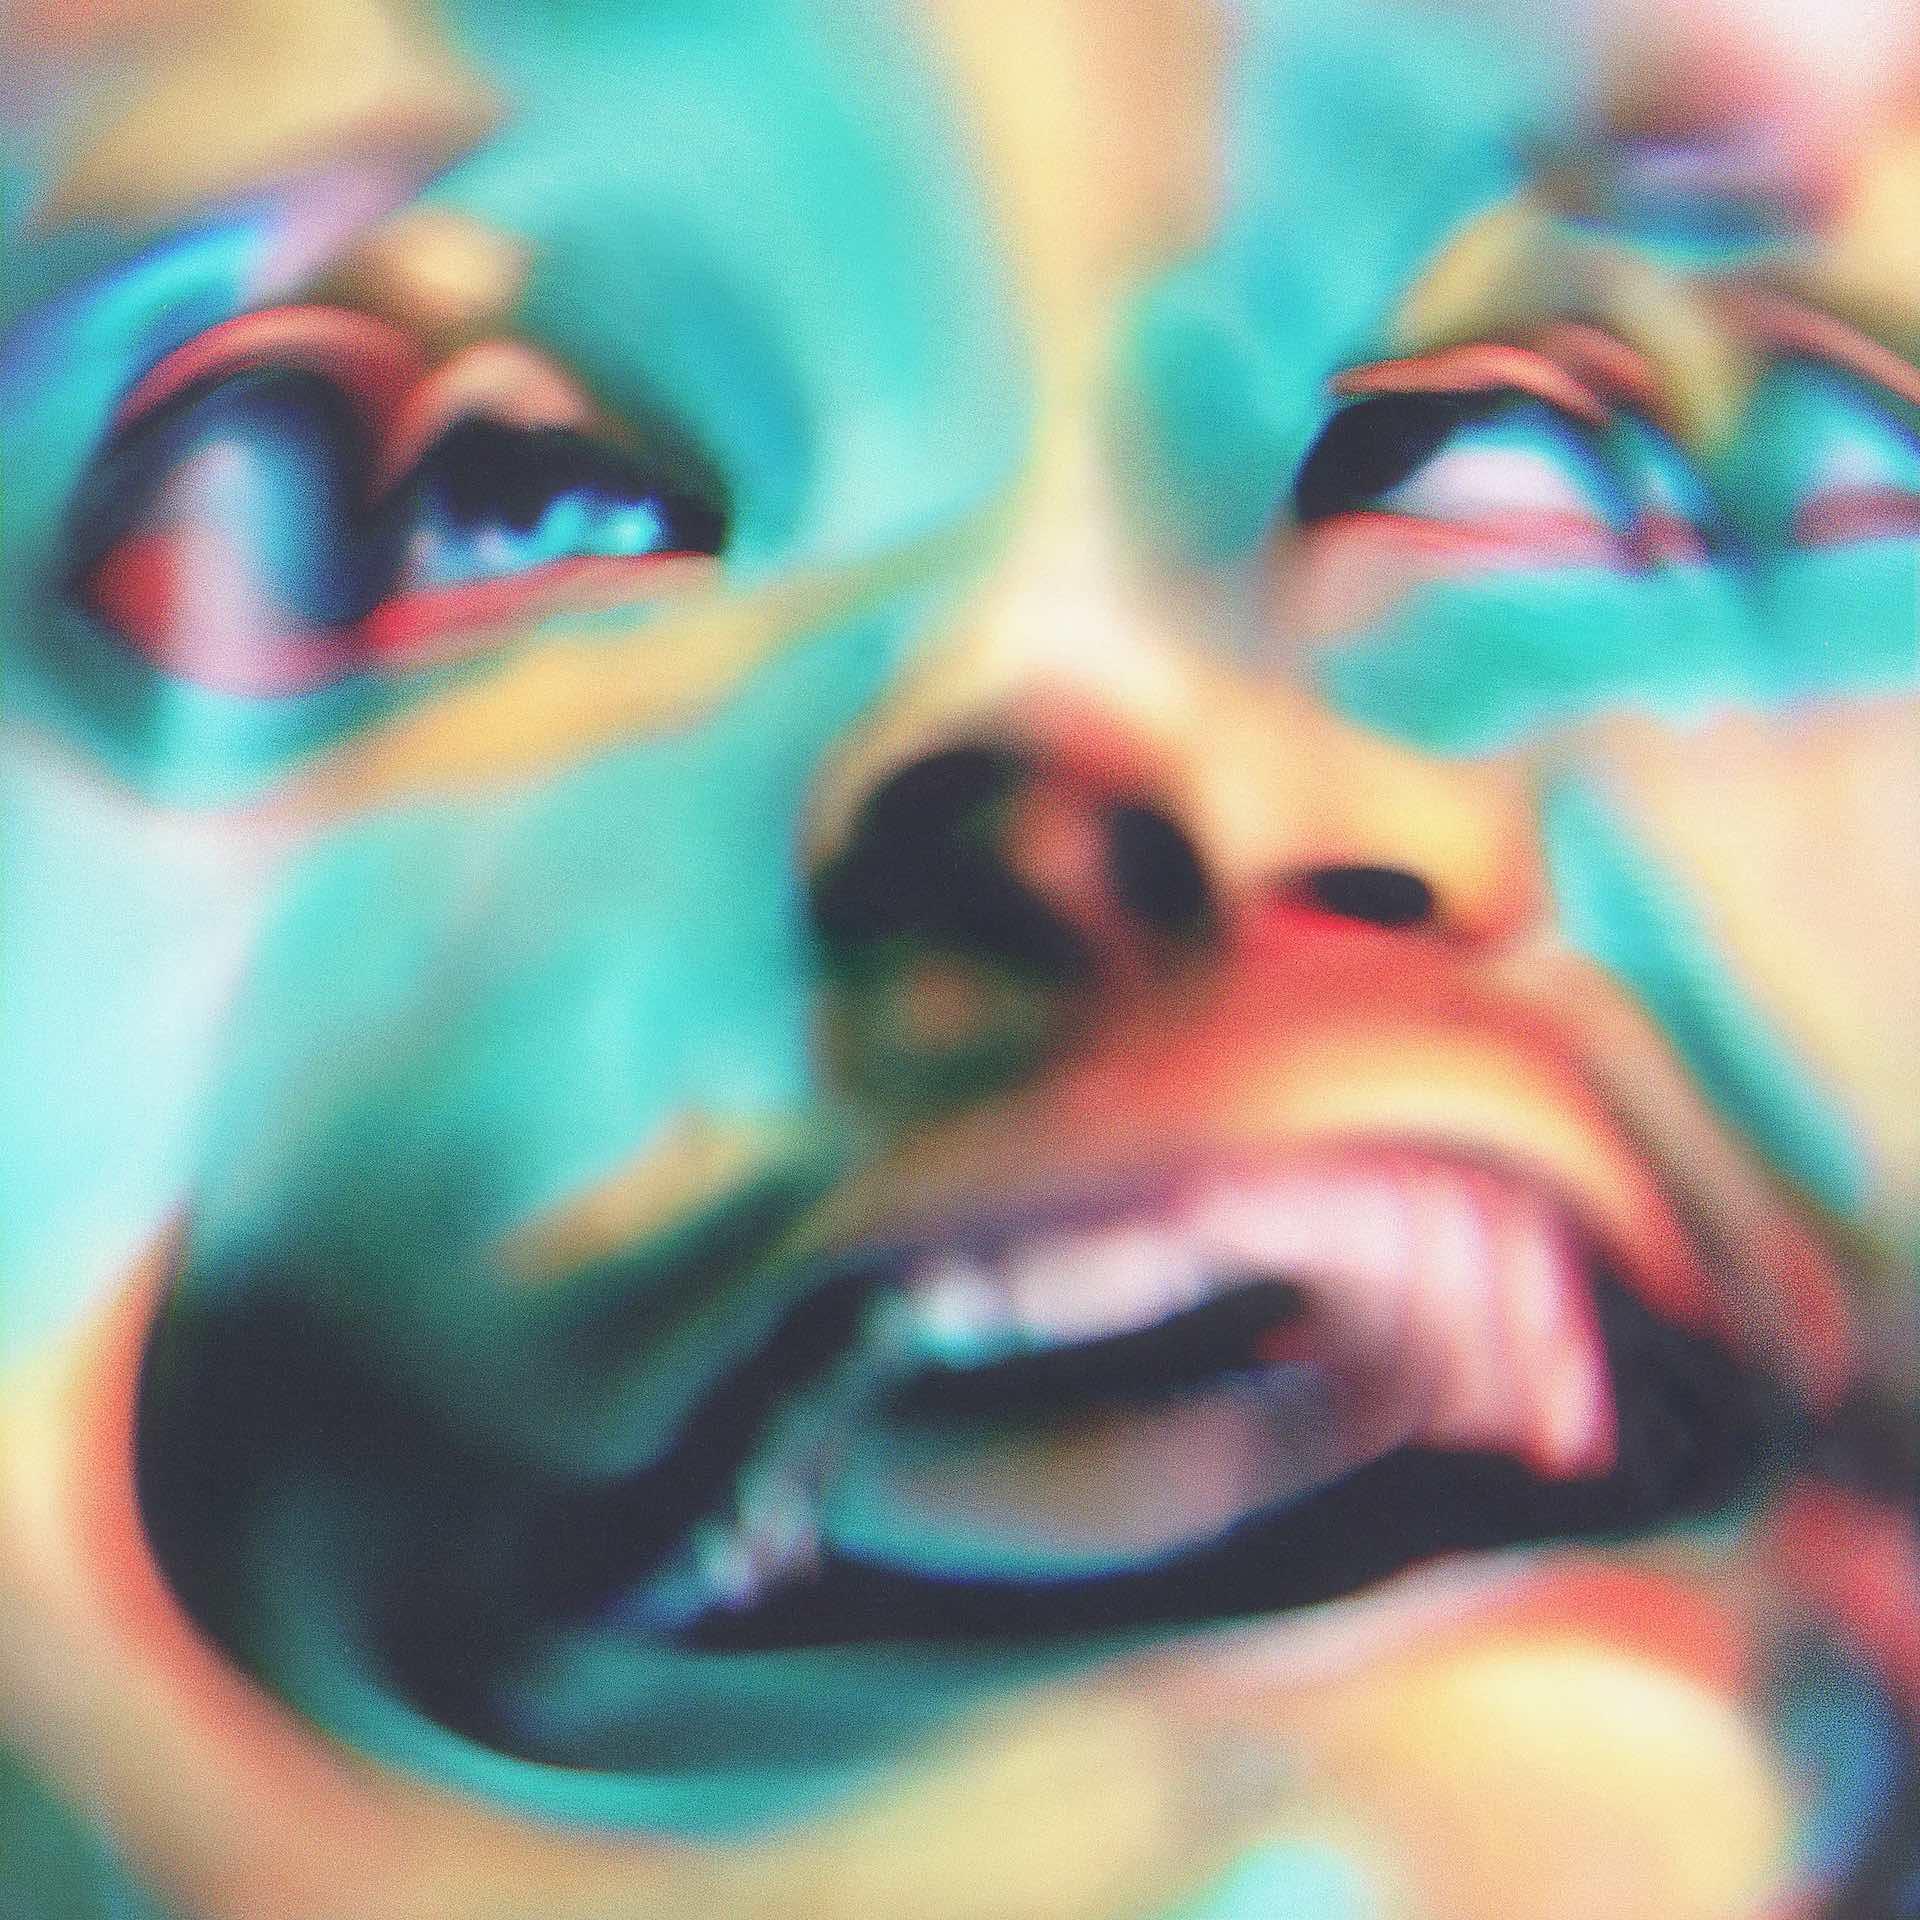 『あびばのんのん』をリリースするTempalayと全国の温浴施設のコラボが実現!改良湯で装飾、のれんなどがコラボ仕様に music210906_tempalay_5